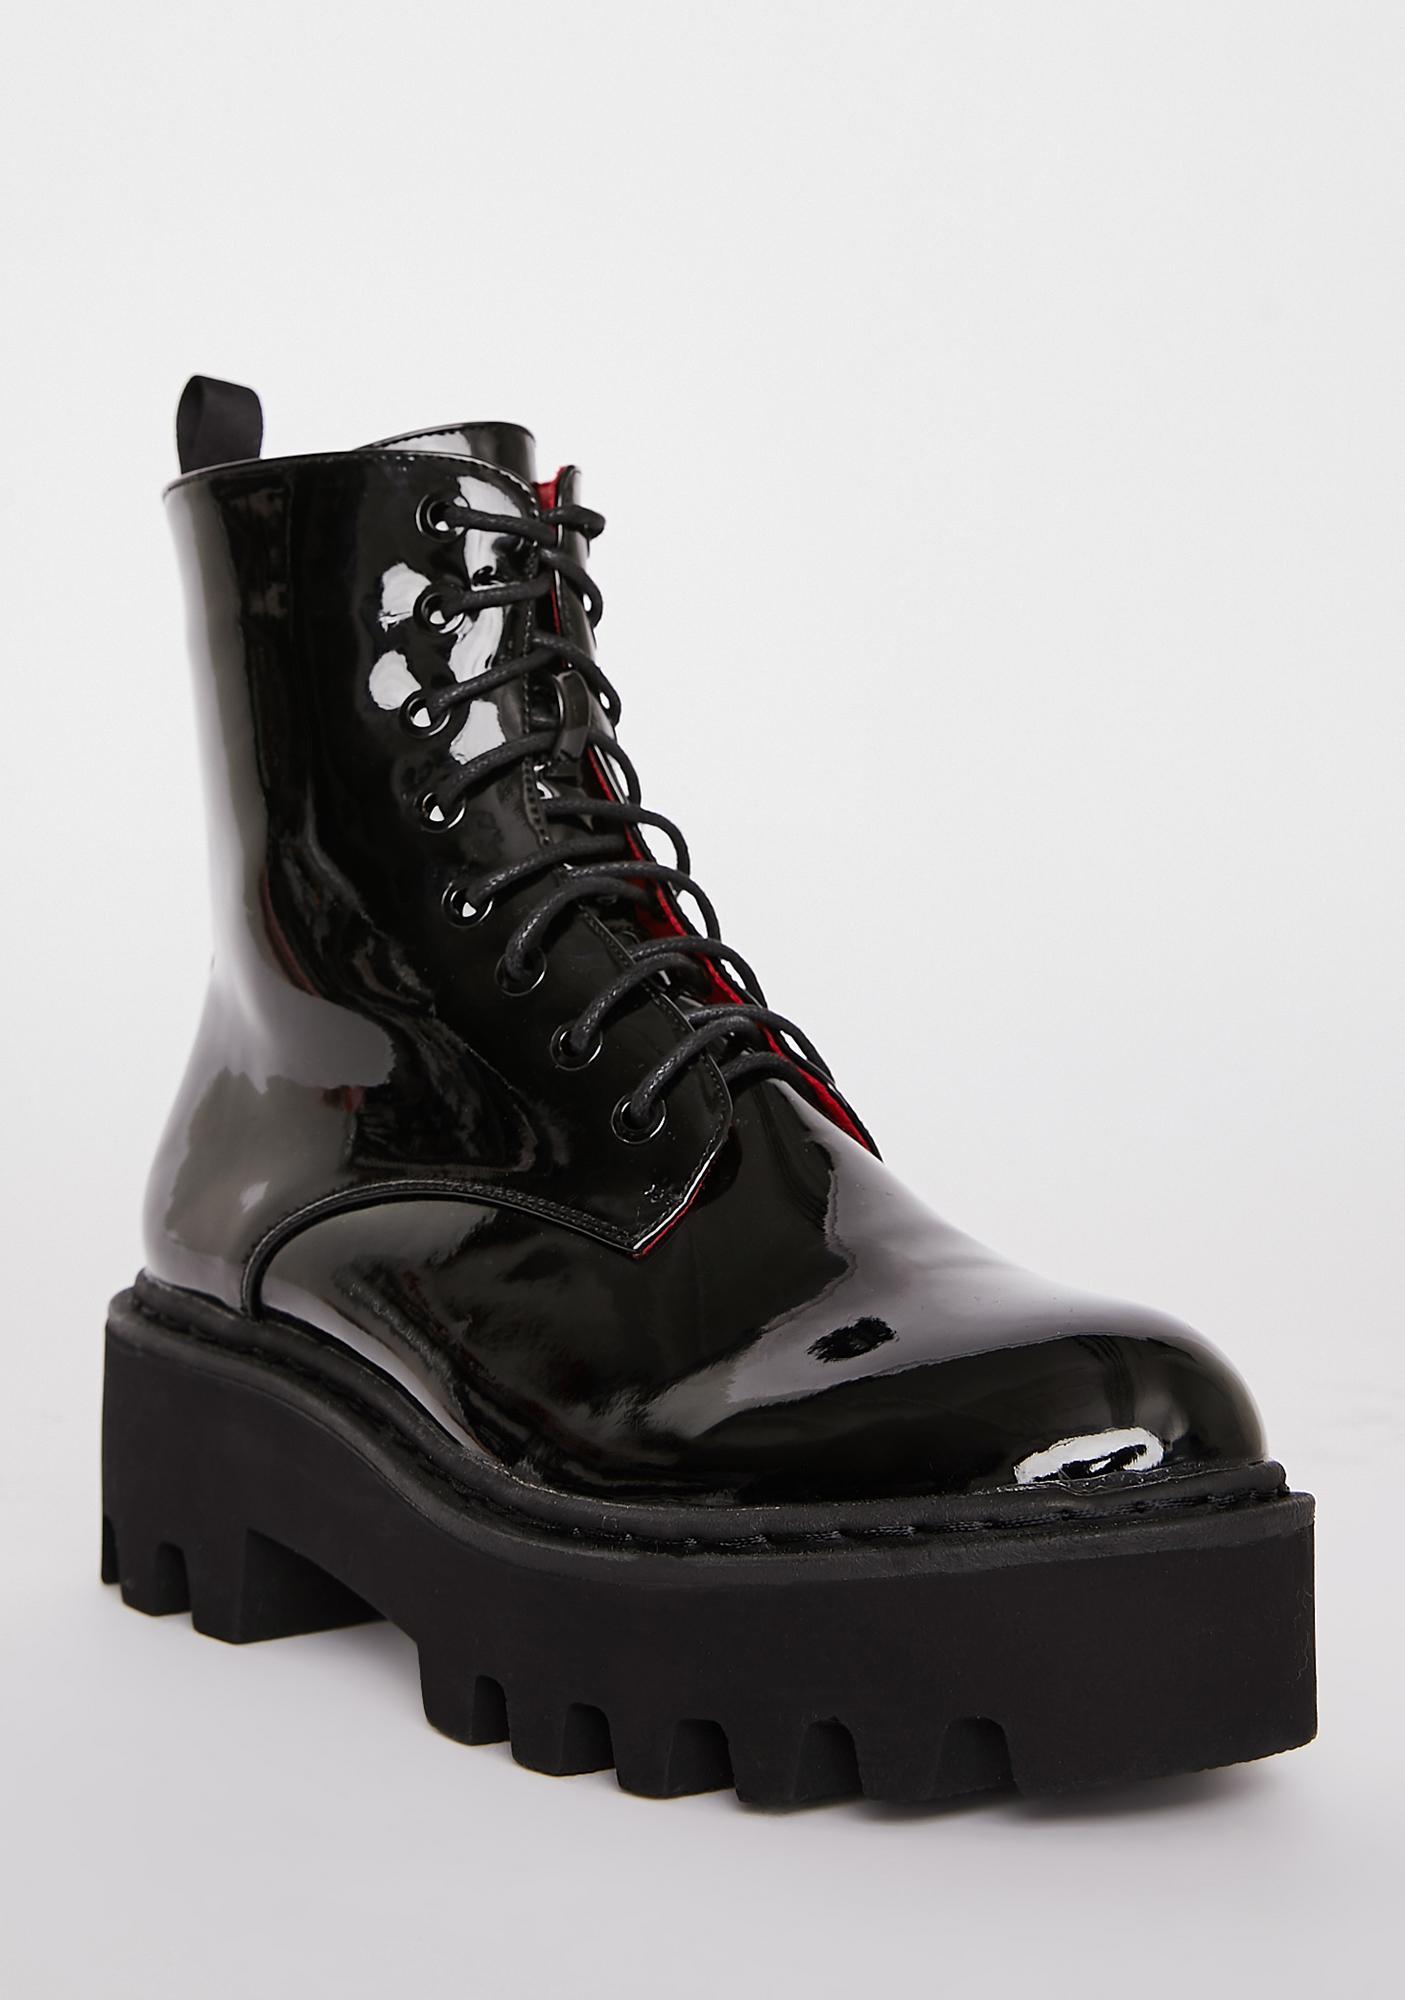 Lamoda Unforgiven Foe Ankle Boots